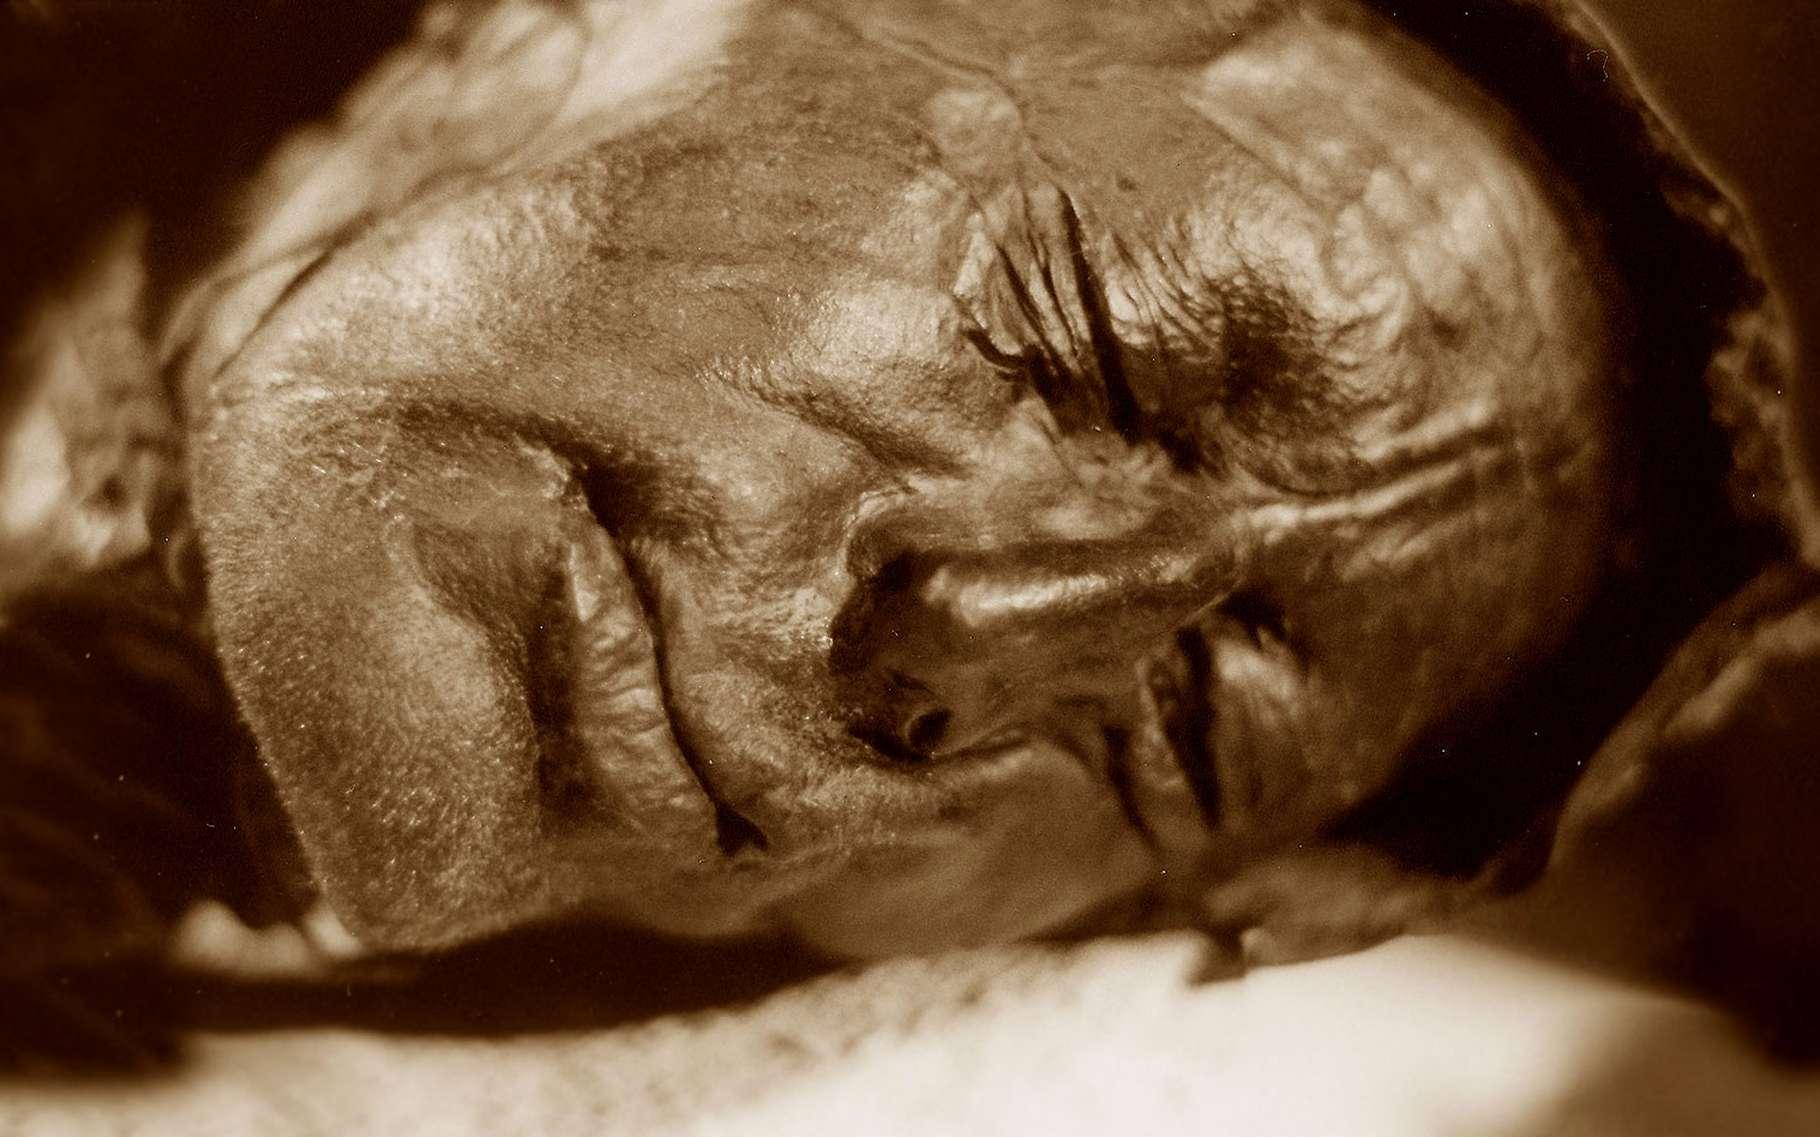 Vue du visage de l'homme de Tollund. © Sven Rosborn, Wikimedia commons, DP